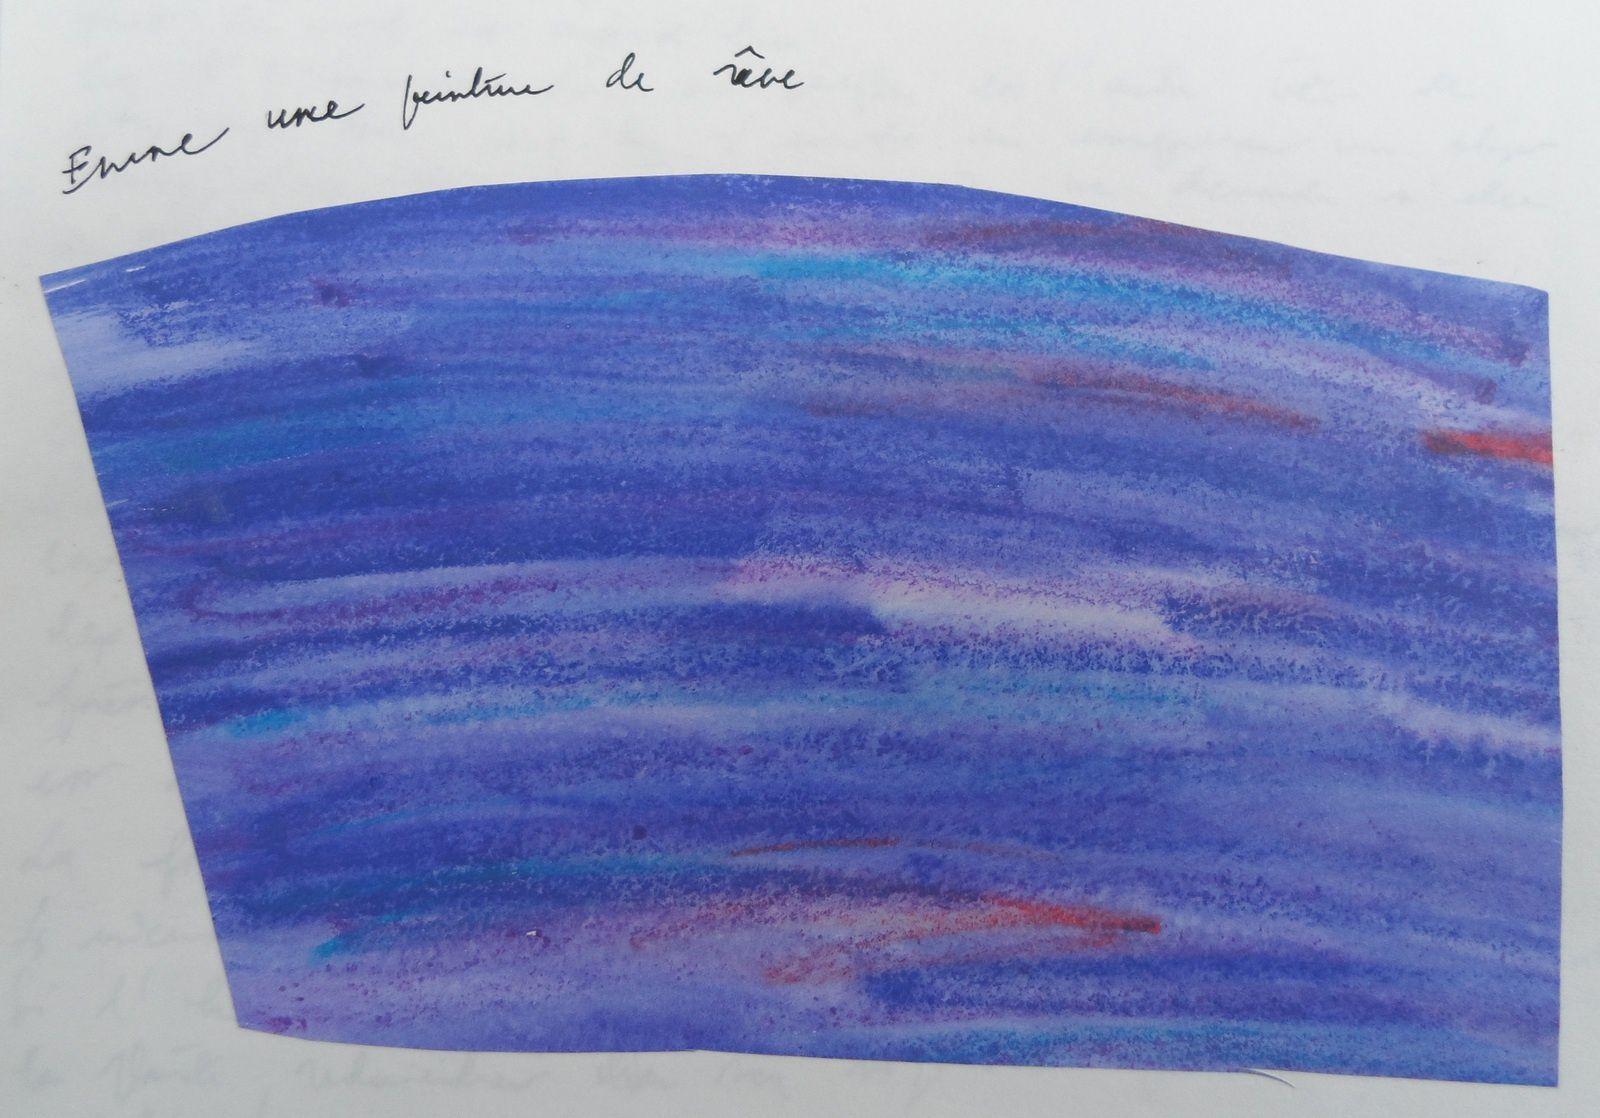 Encore une peinture de rêve. Craies aquarellables et eau. Pierre-Olivier Combelles, années 1990.